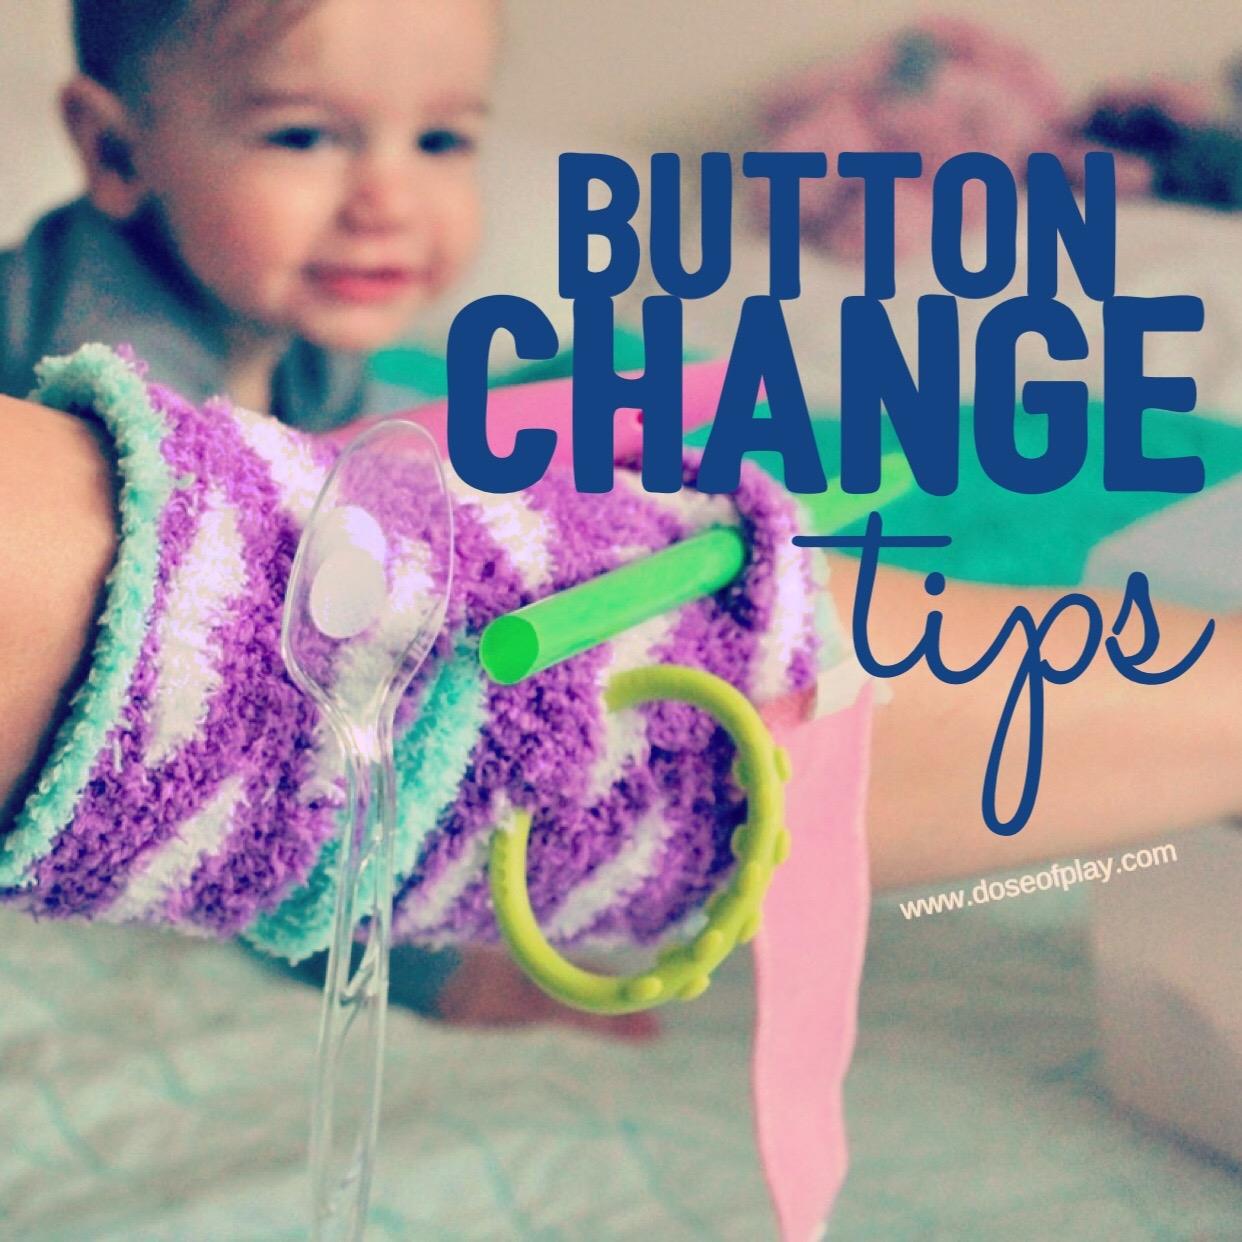 G-tube button change tips #tubie #gtube #gtubefed #feedingtube #gtubebutton #gtubechange #childlifespecialist #childlife #tubietips